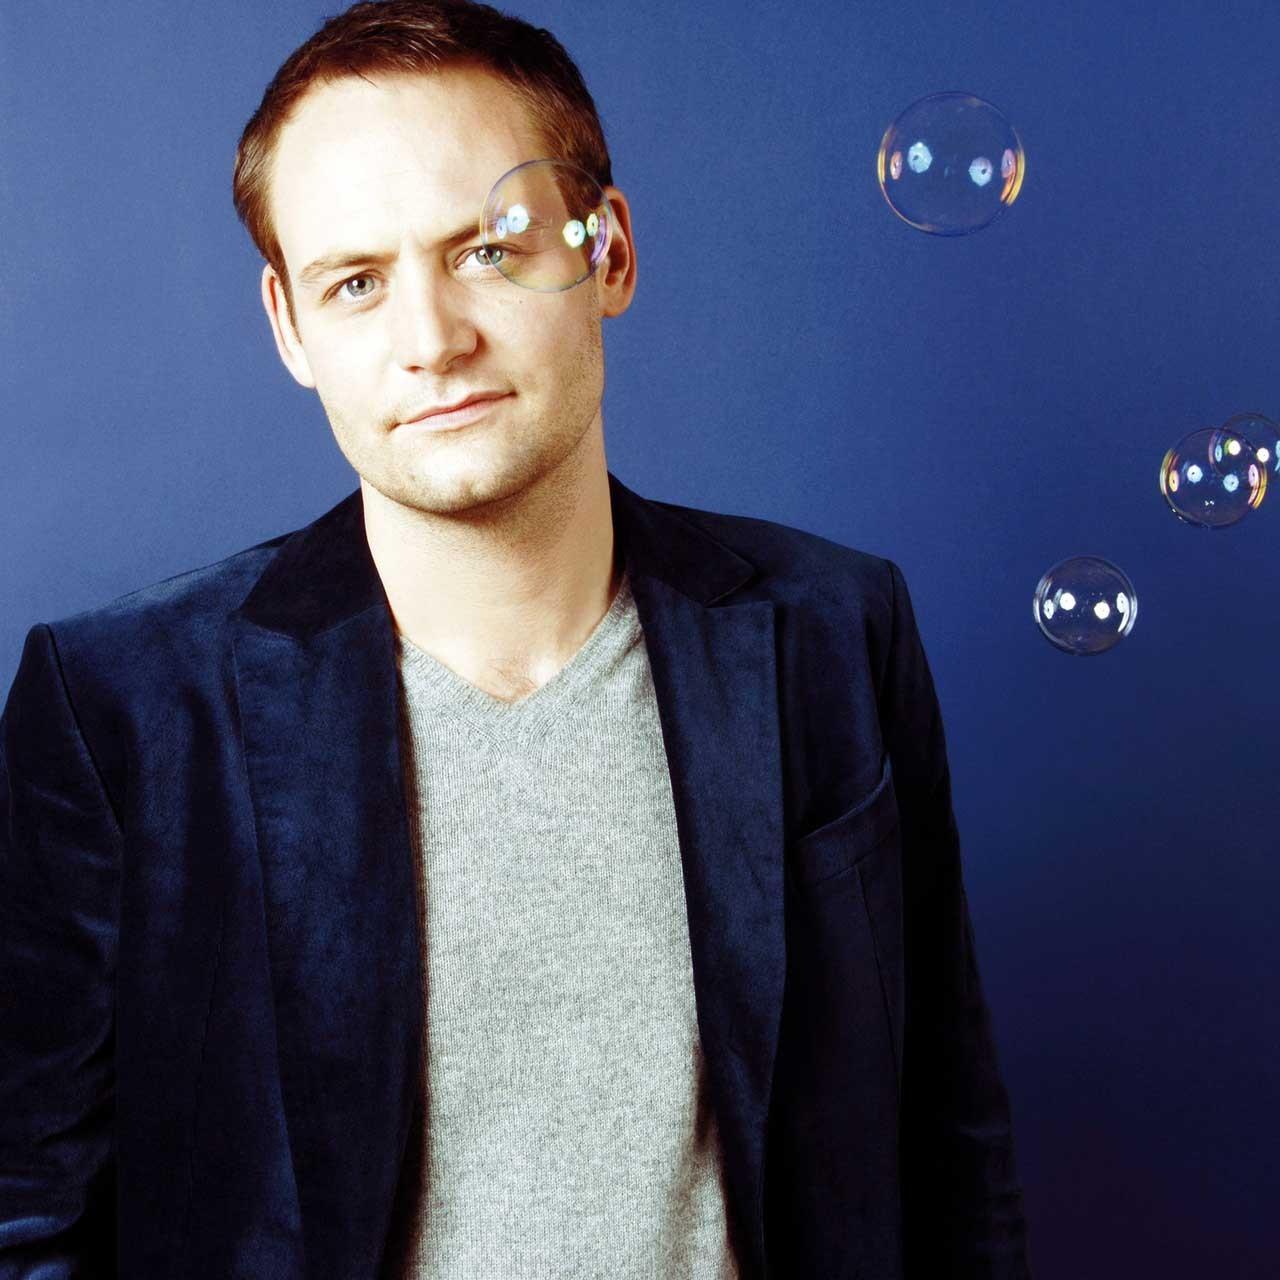 Christophe Mali / Je vous emmène / Sony Music (2003)